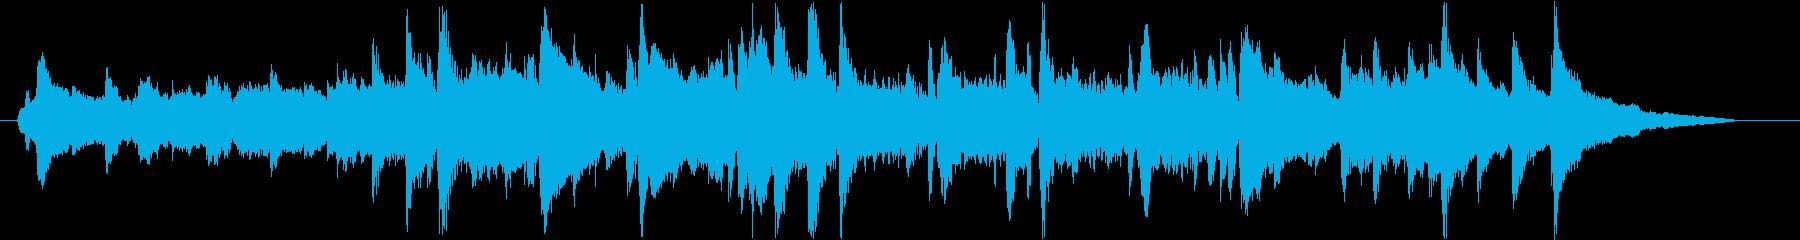 これは、フレンチスタイルと優しい弦...の再生済みの波形